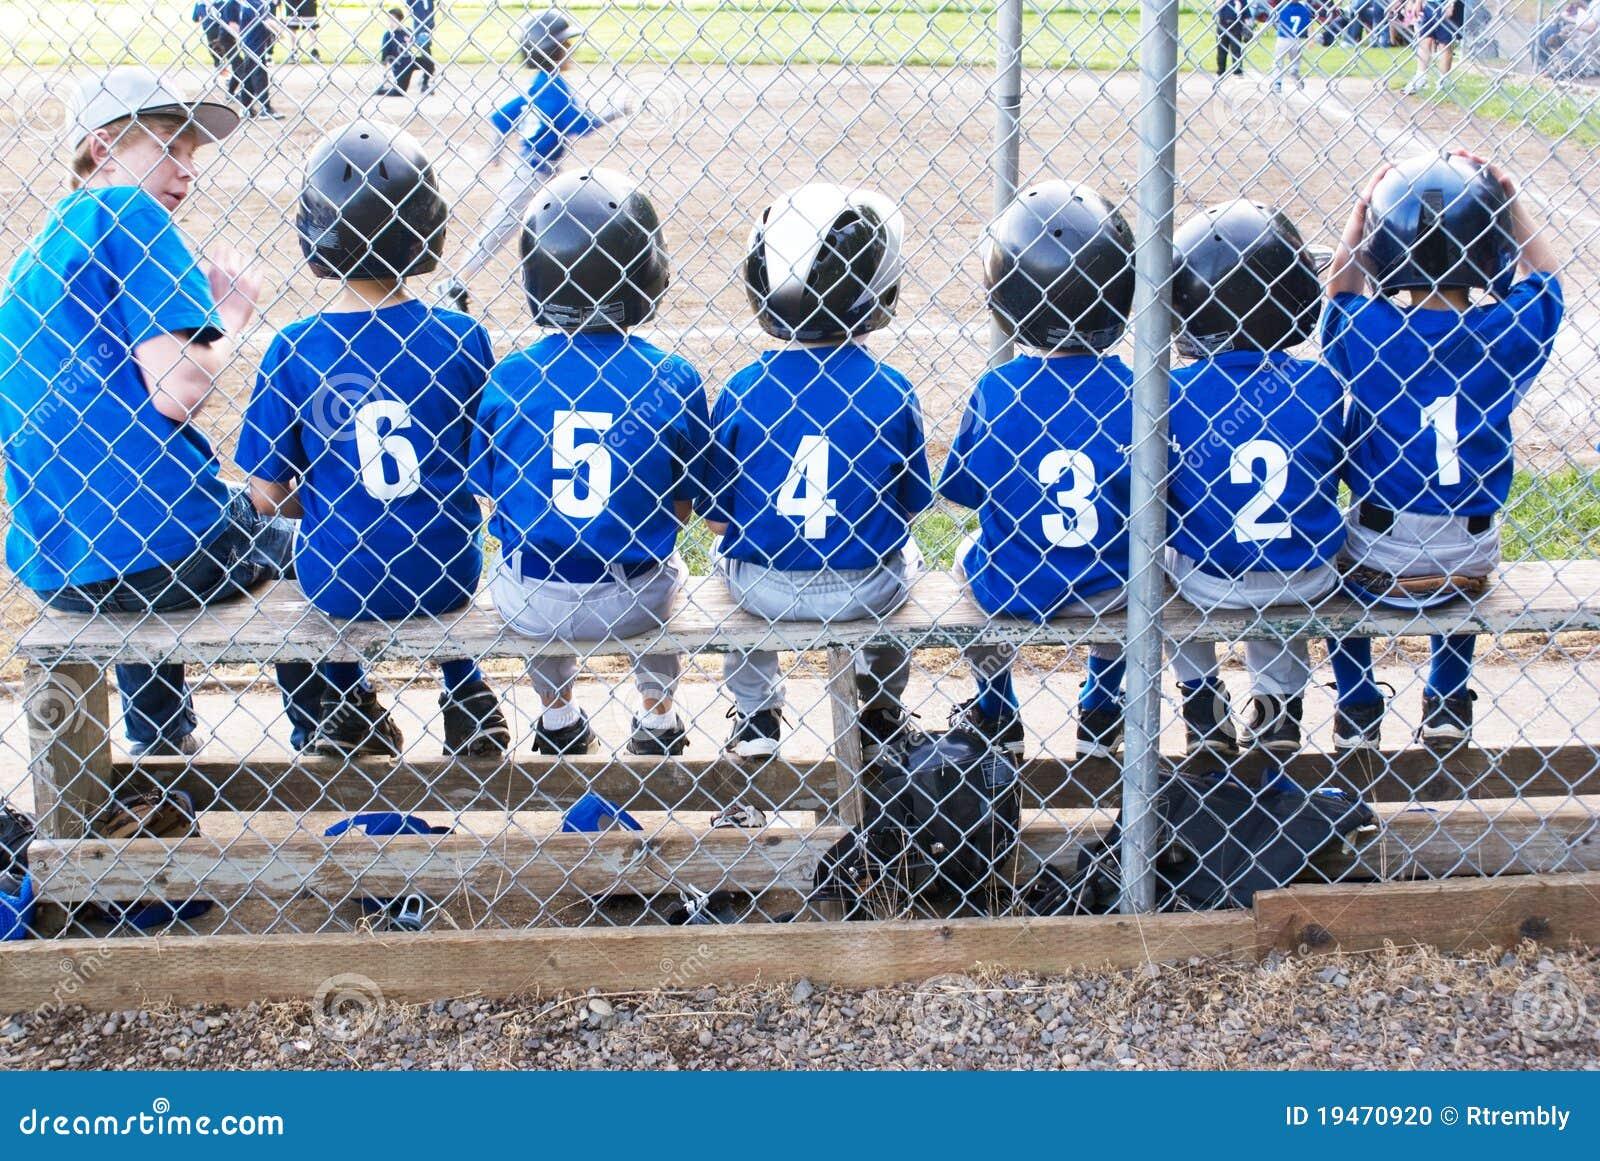 Squadra di baseball nell ordine numerico.